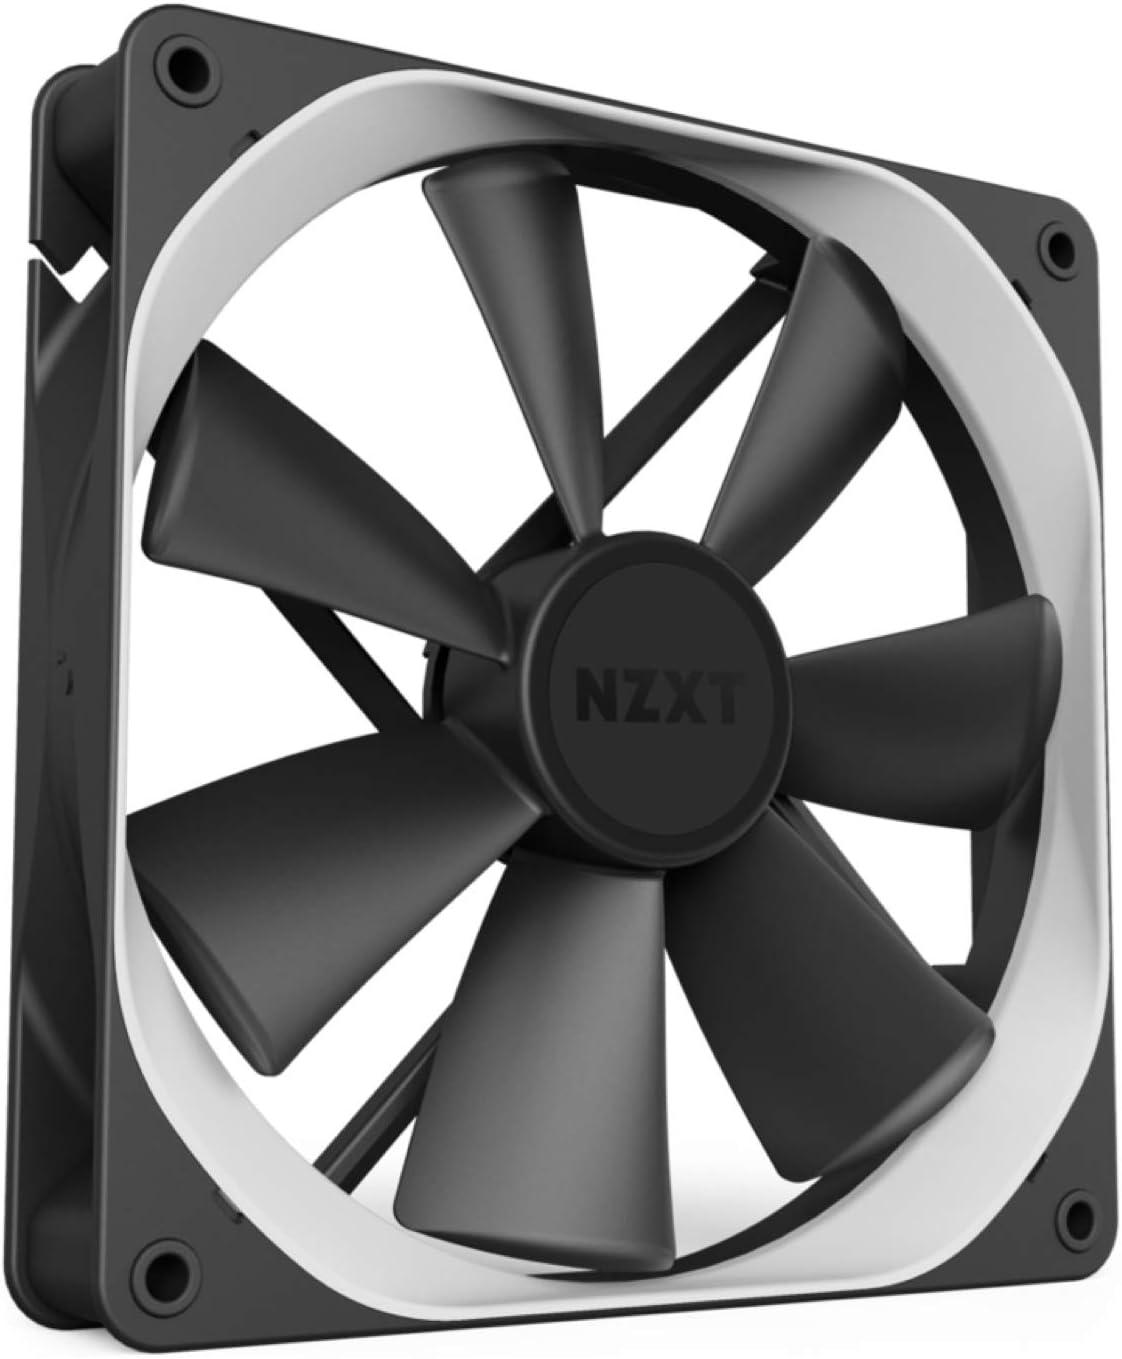 NZXT AER P - RF-AP120-FP - 120mm - Winglet Designed Fan Blades - Fluid Dynamic Bearings - PWM Static Pressure Fans - Gaming Computer Fan